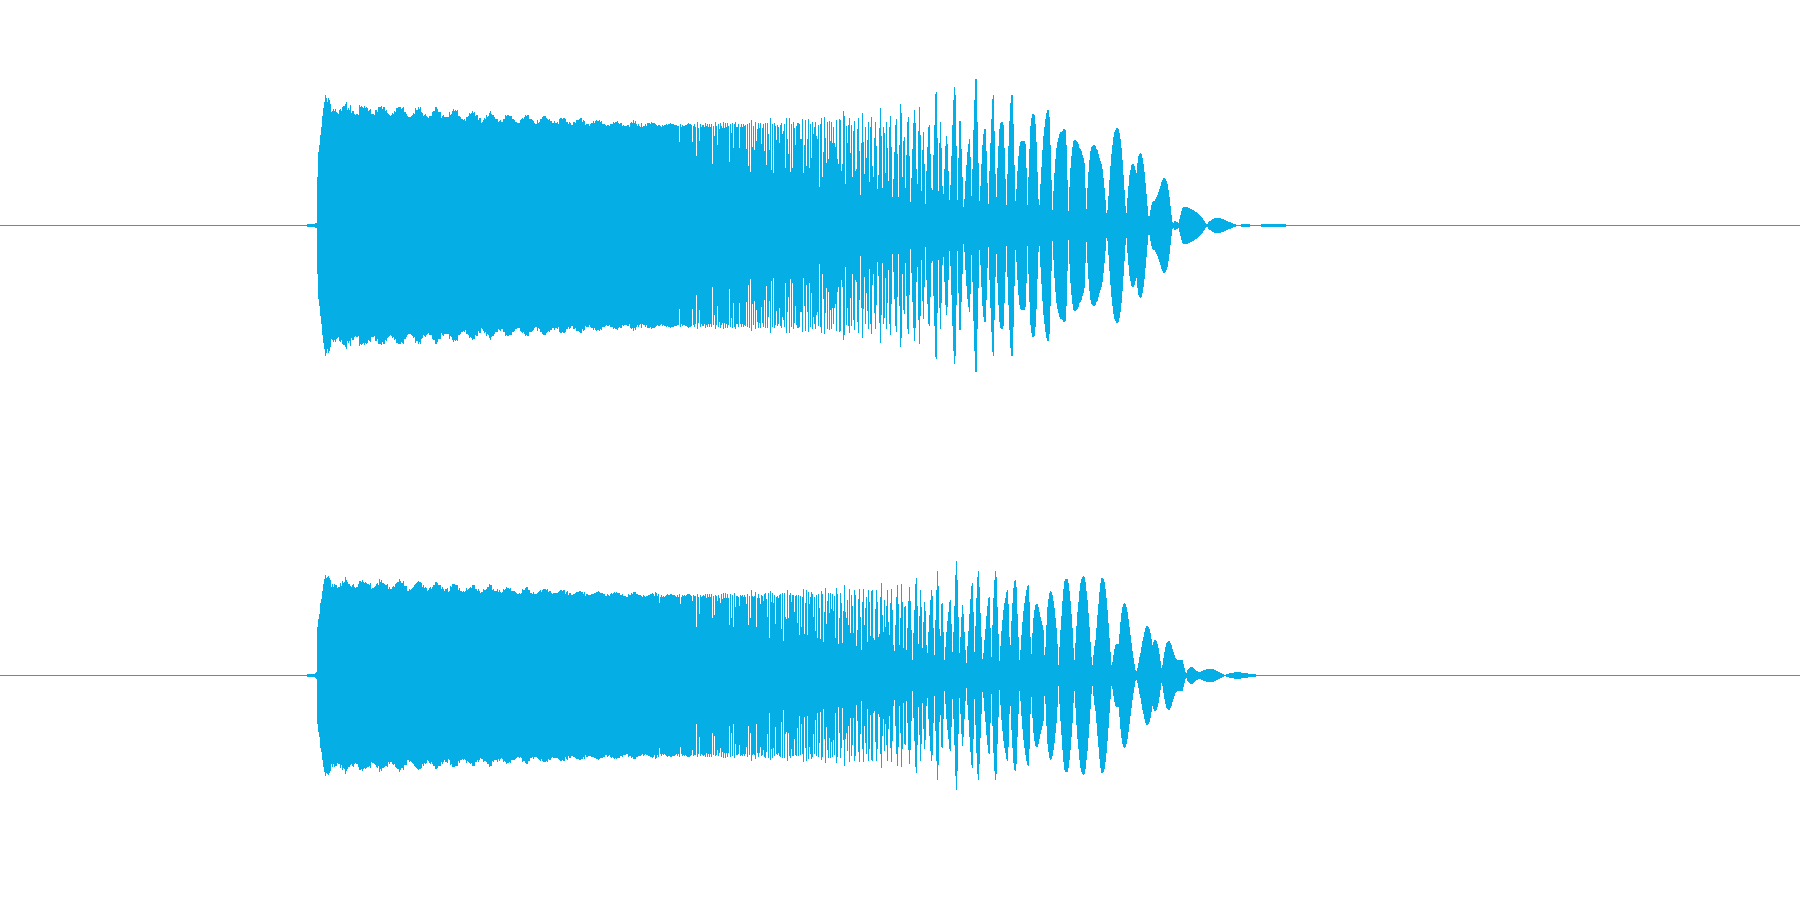 ピュルルル(スピード感のあるビーム音)の再生済みの波形